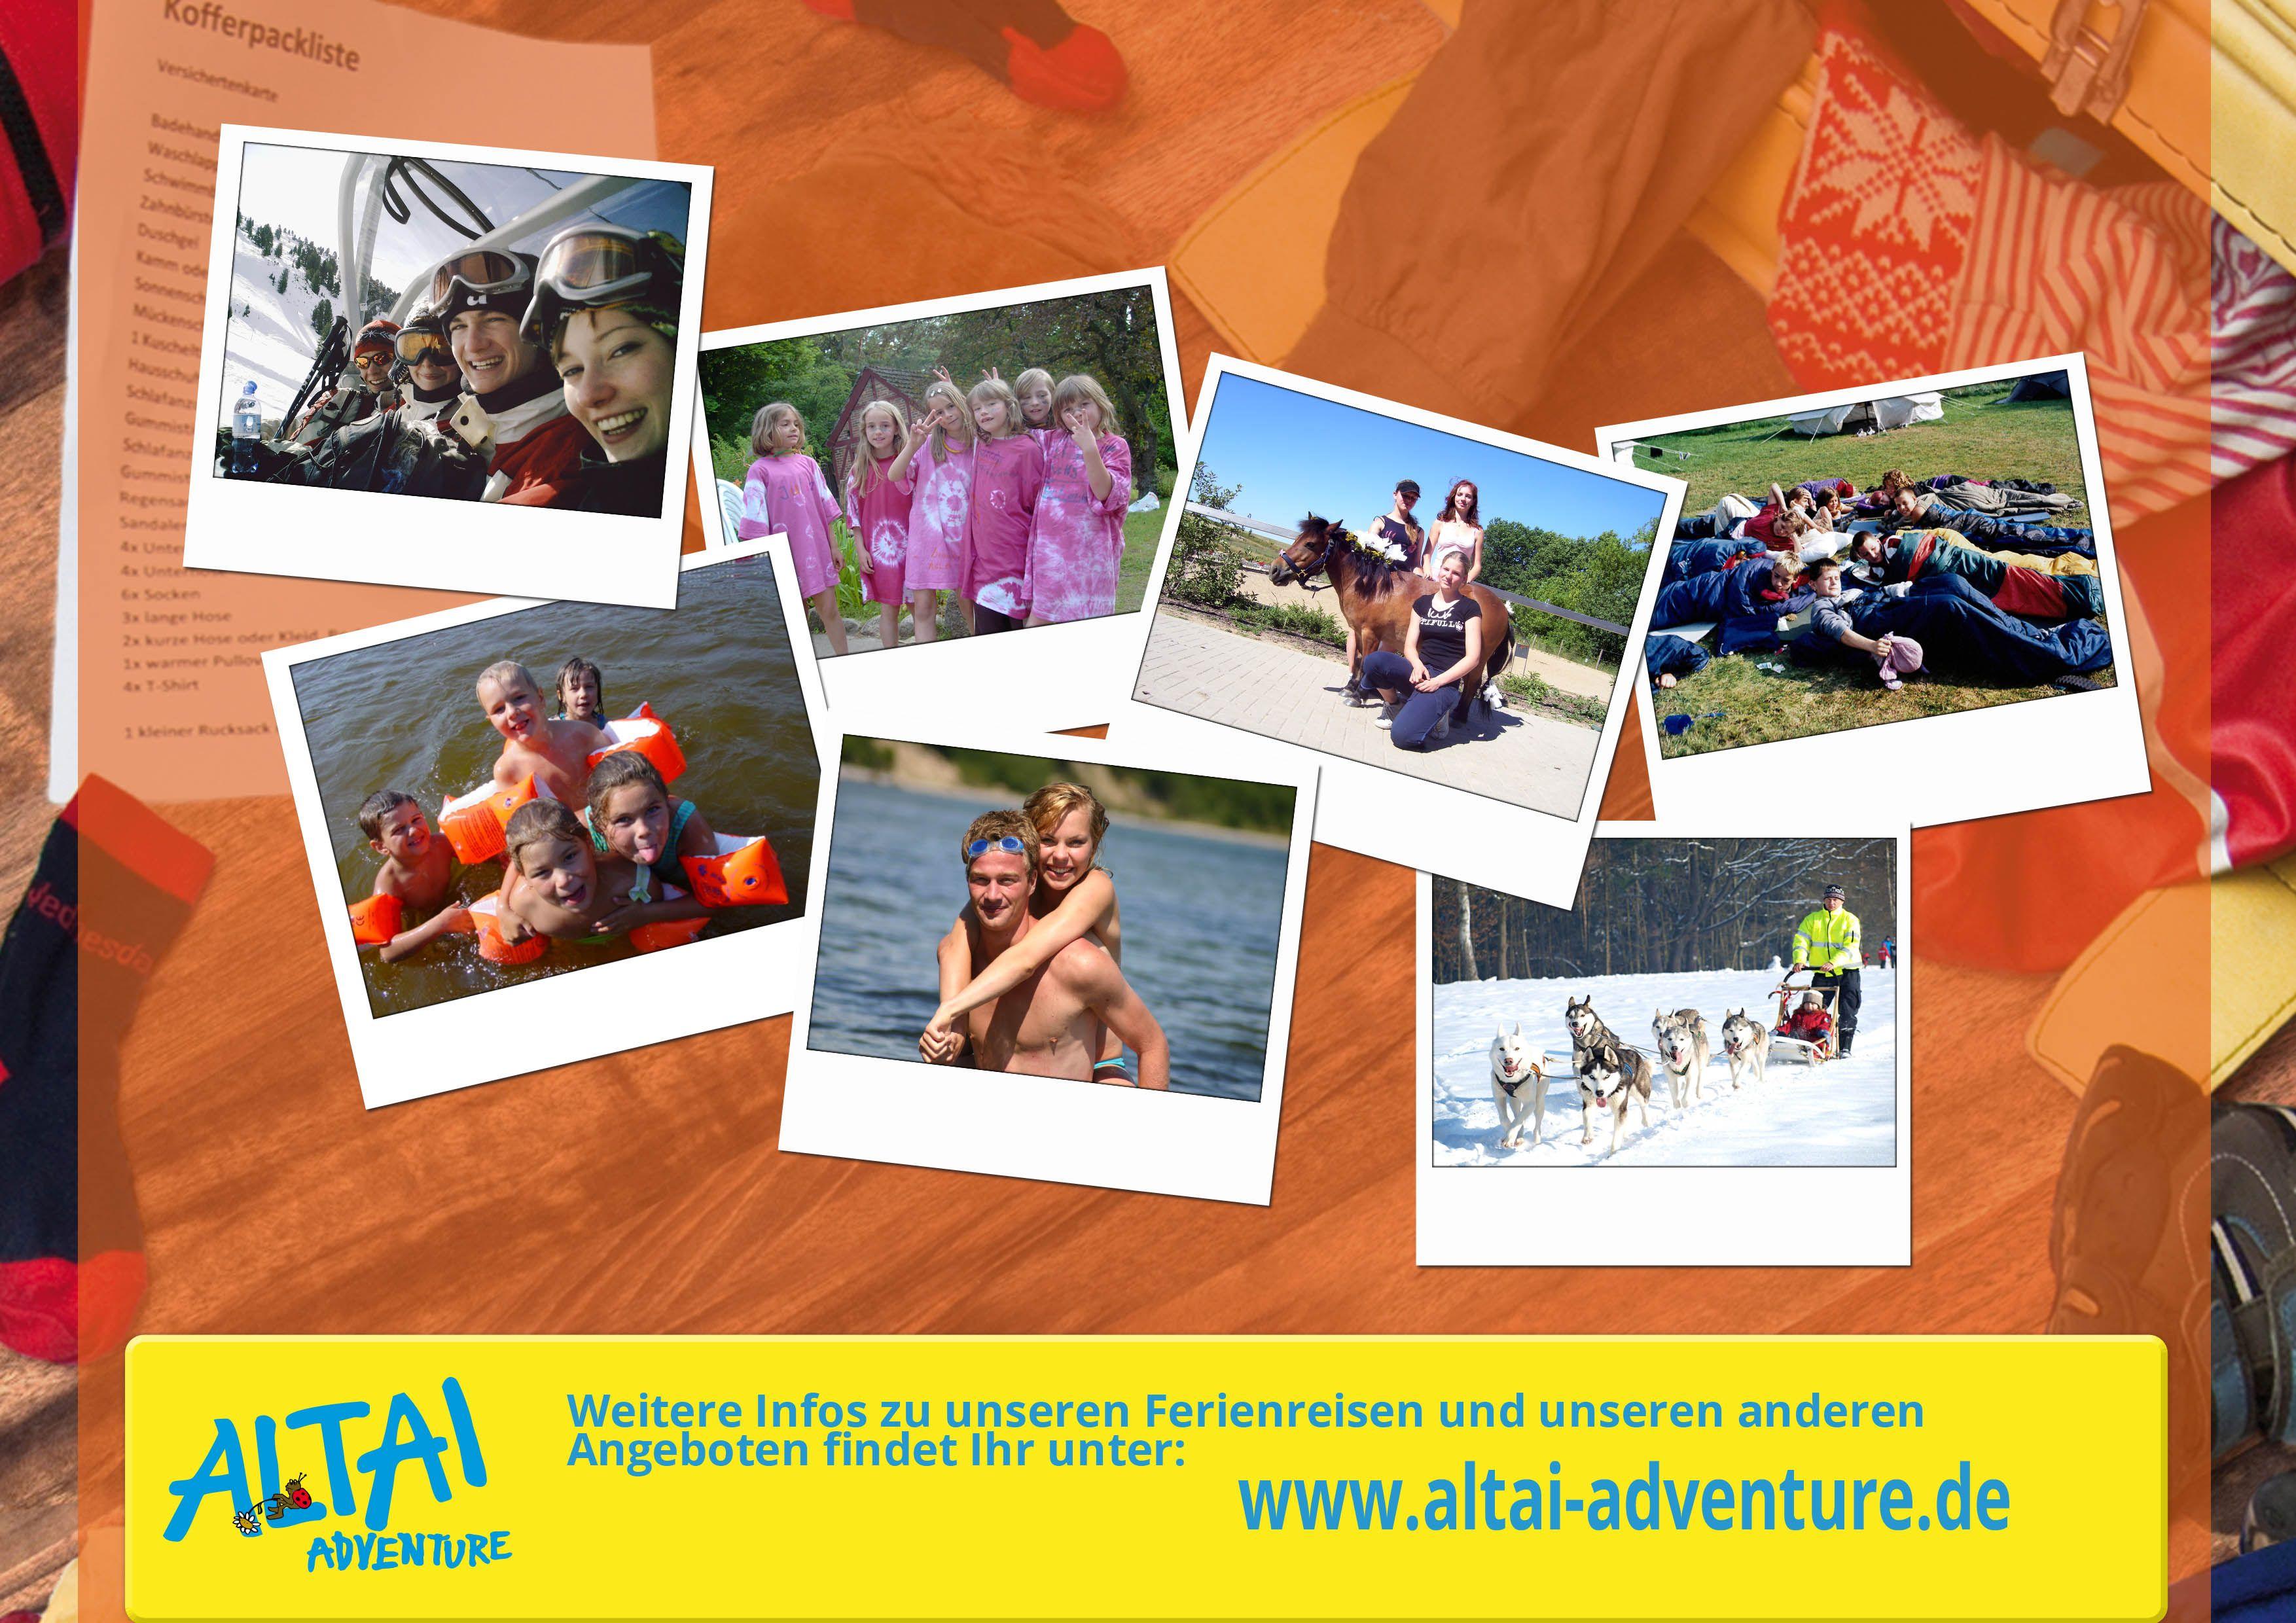 Endlich Ferien in Sicht! Wir bringen Euch ans Meer, zum Klettern in die Berge, zum Paddeln an einsame Glasklare Seen, zum reiten auf einen Pferdehof und für die Jüngsten geht es zu den Tieren auf einem Bauernhof. Im Winter könnt ihr mit Huskys durch den Schnee tollen, einen Ski- und Snowboardkurs machen oder einfach nur die Pisten hinabsausen. Schaut doch mal auf unserer Website www.altai-adventure.de vorbei.